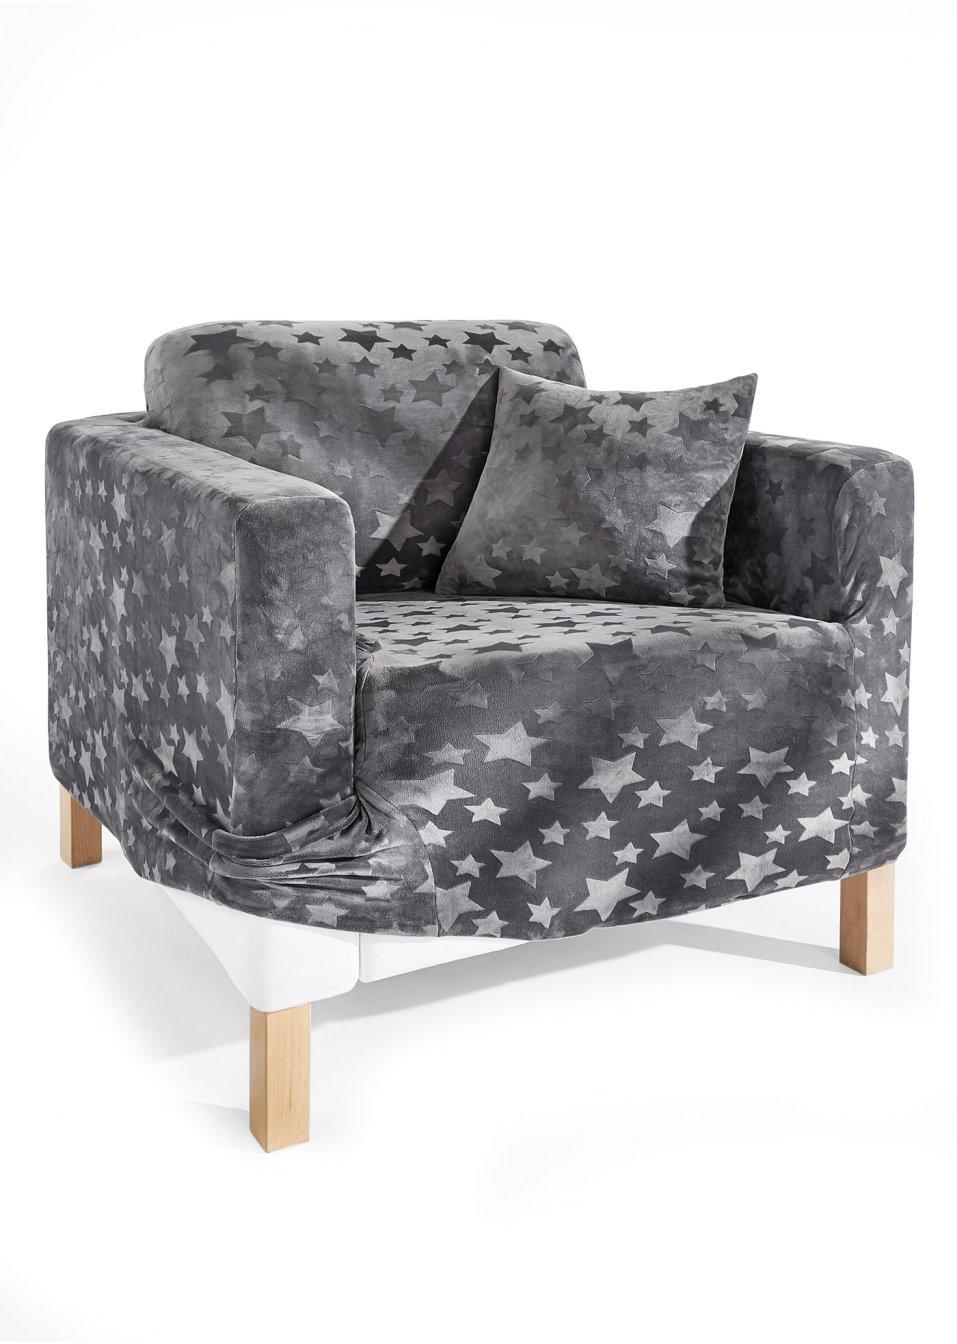 im handumdrehen ein neuer look husse sterne grau. Black Bedroom Furniture Sets. Home Design Ideas